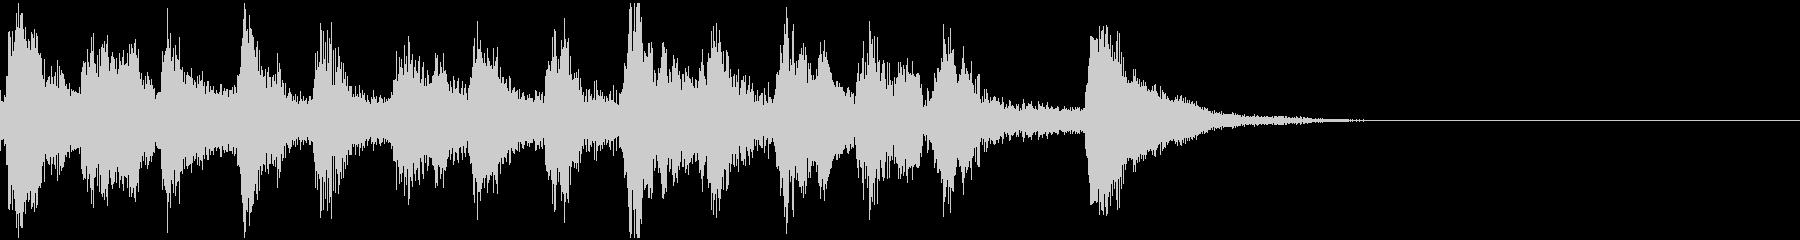 コミカル  オーケストラ音楽の未再生の波形